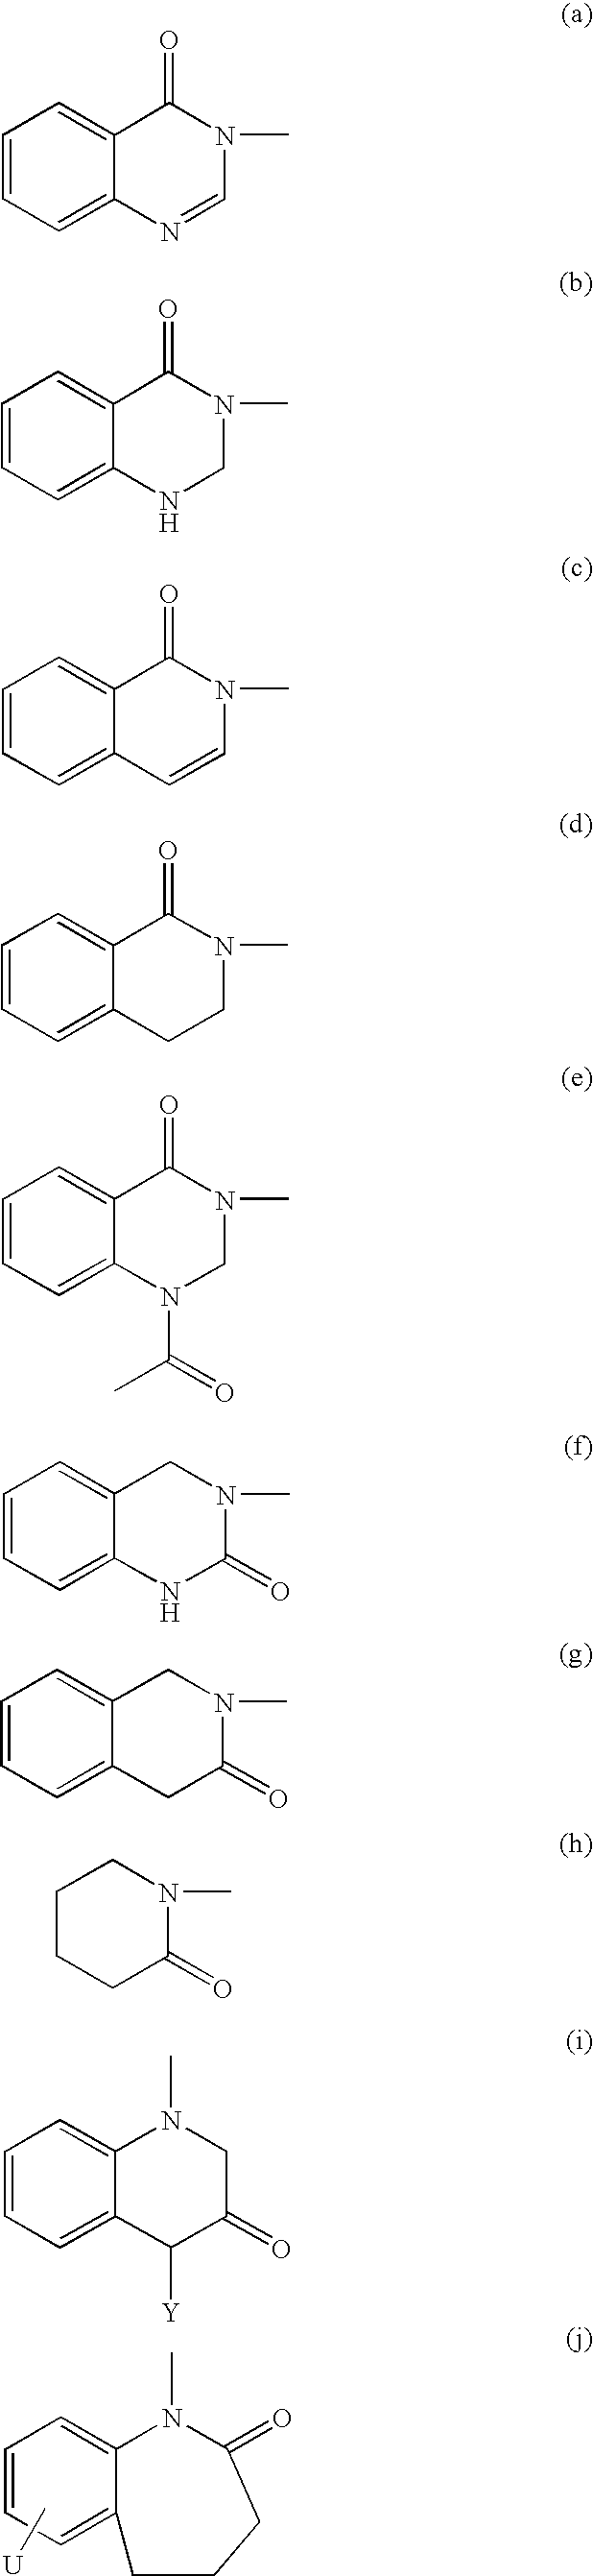 Figure US20060280789A1-20061214-C00007